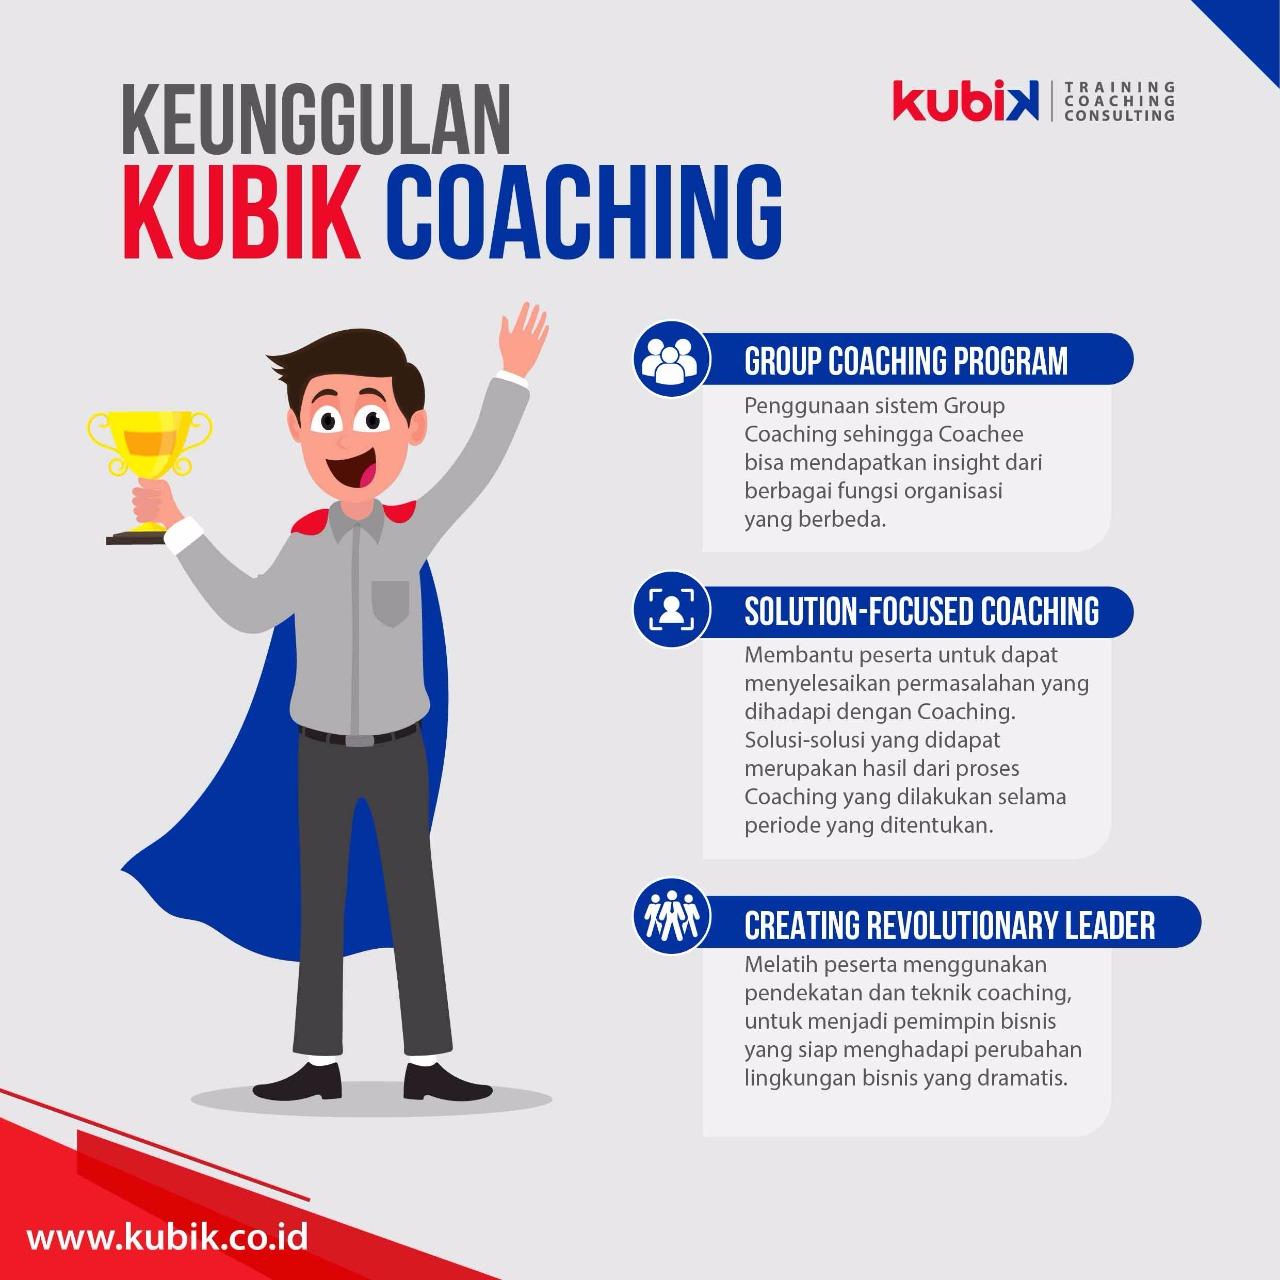 Keunggulan Kubik Coaching